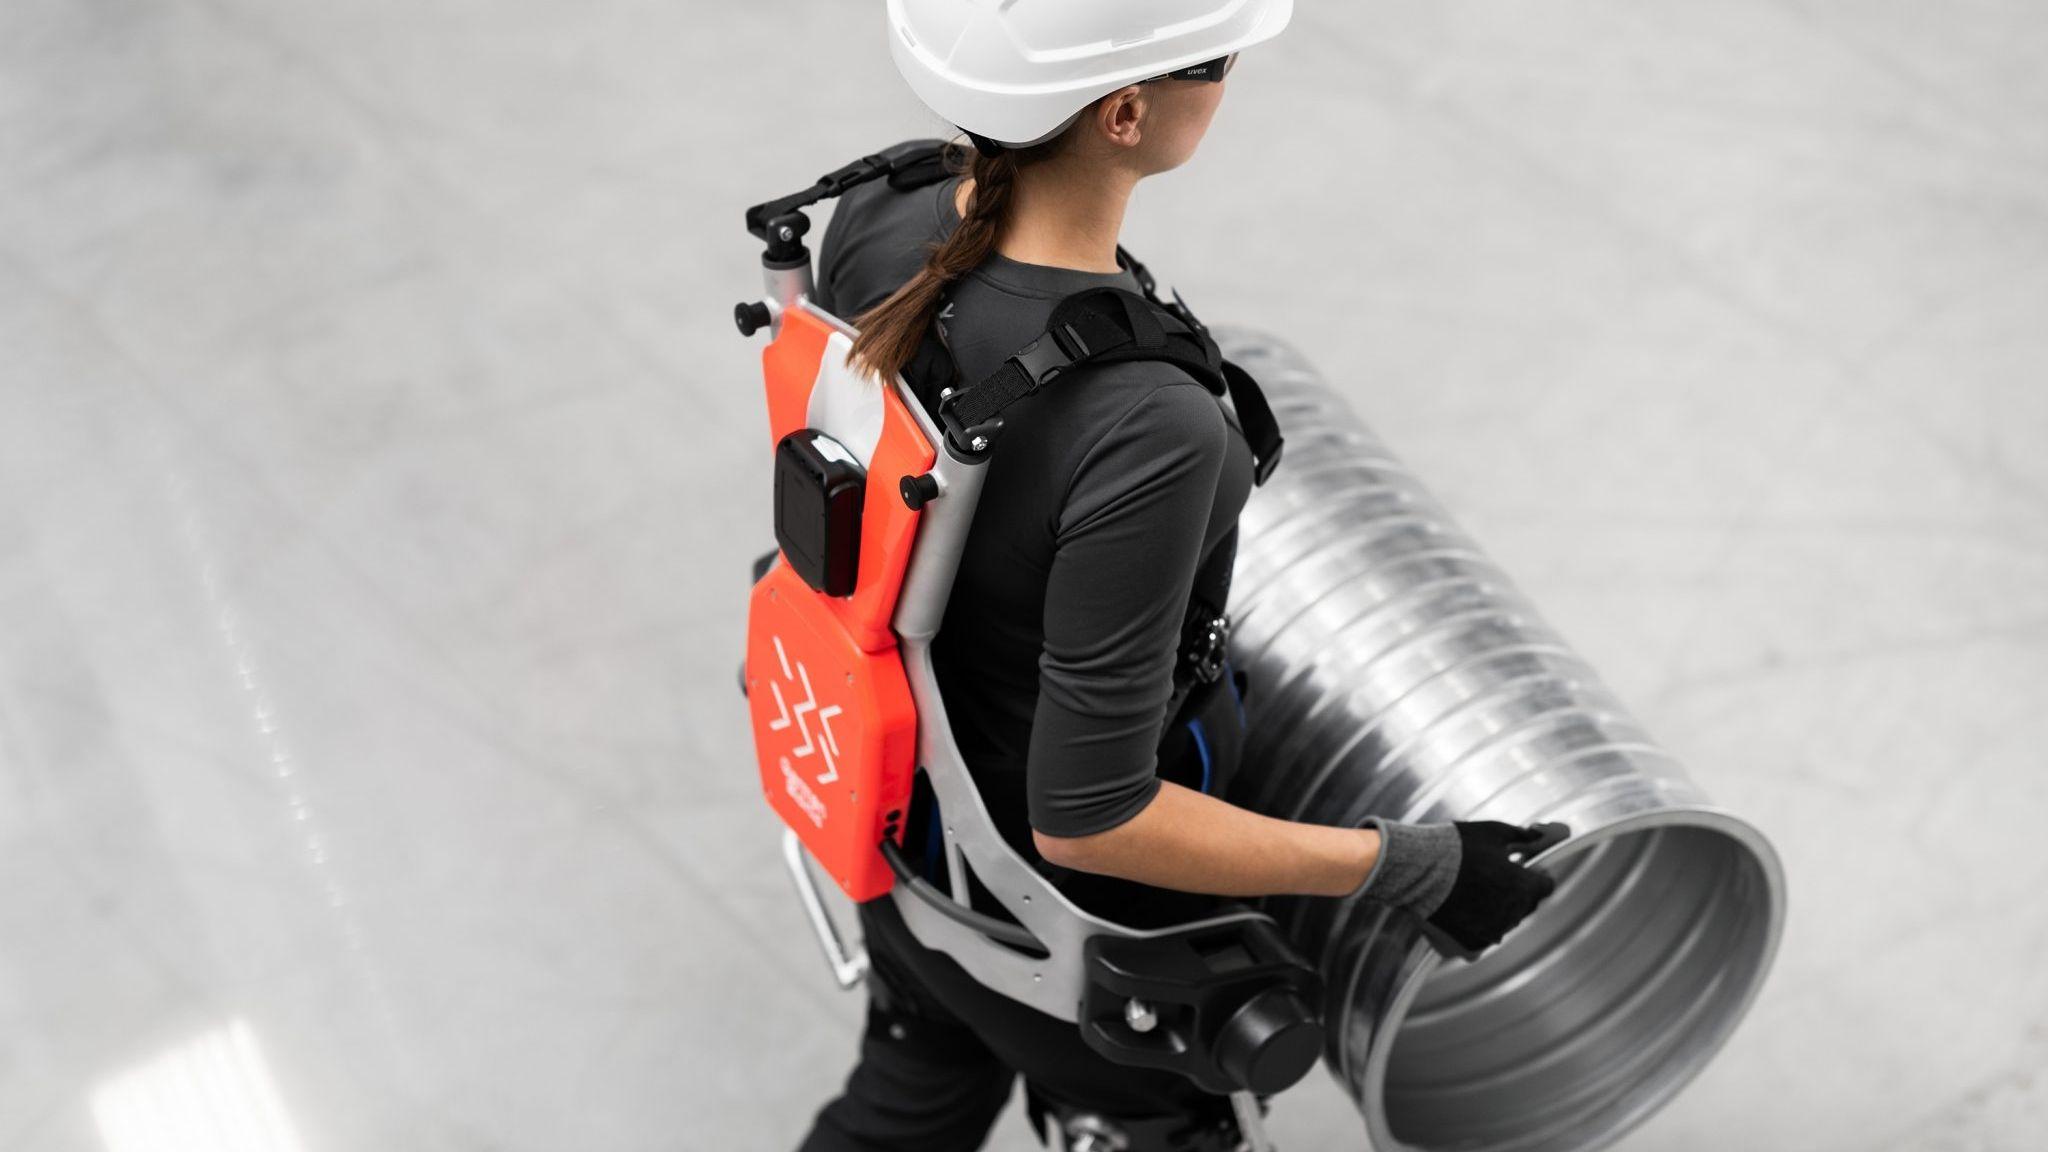 Arbeiterin nutzt ein Außenskelett als Tragehilfe für schwere Lasten